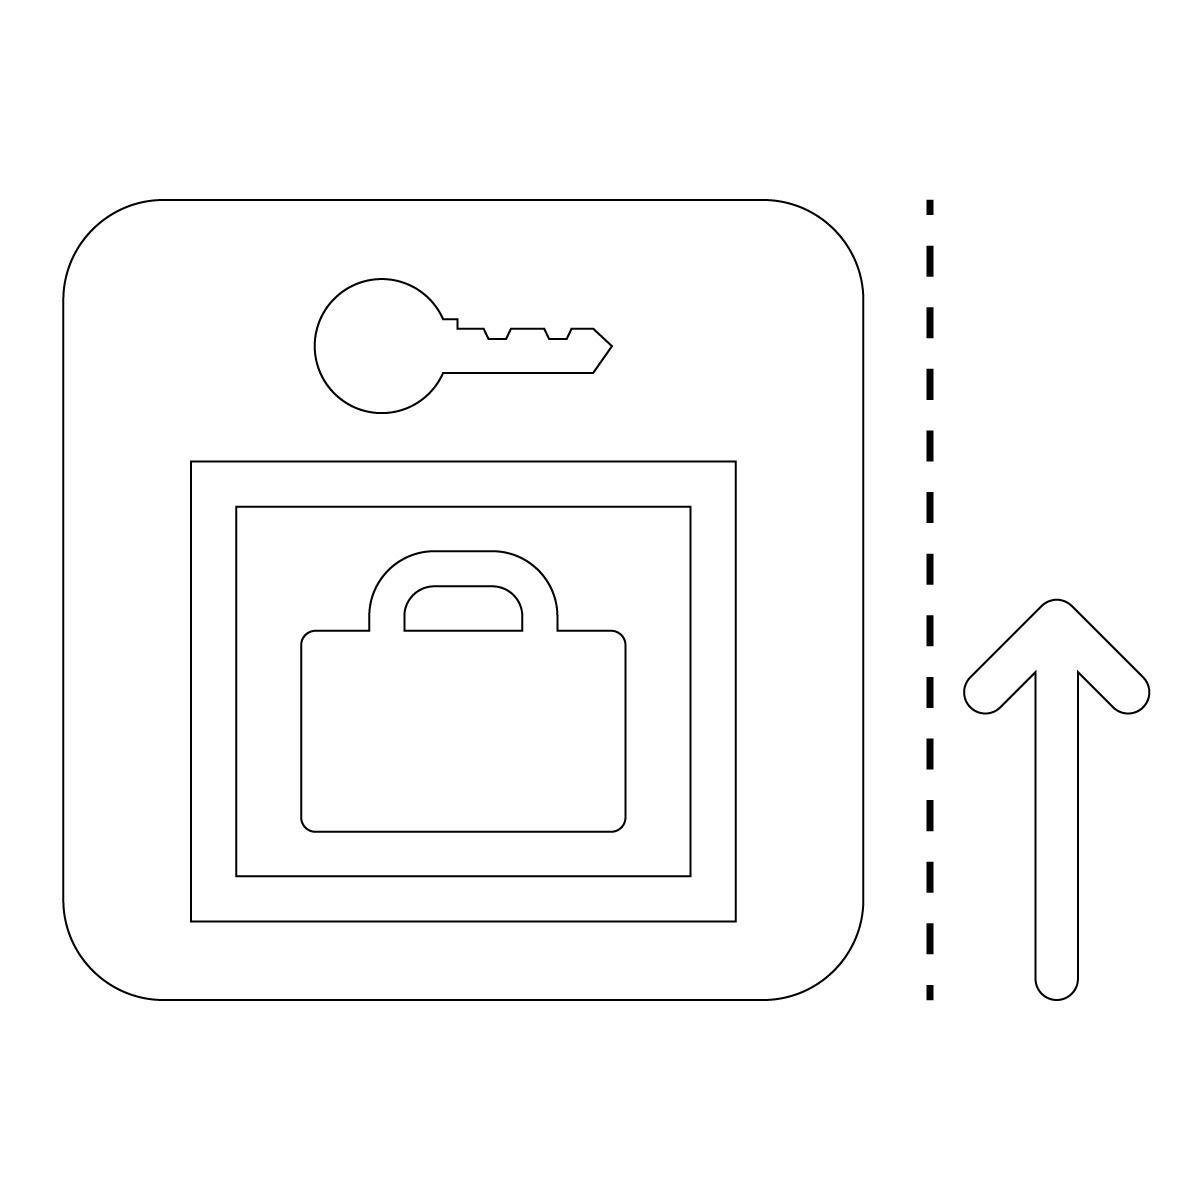 白色のロッカー案内マーク(矢印付き)のカッティングステッカー・シール